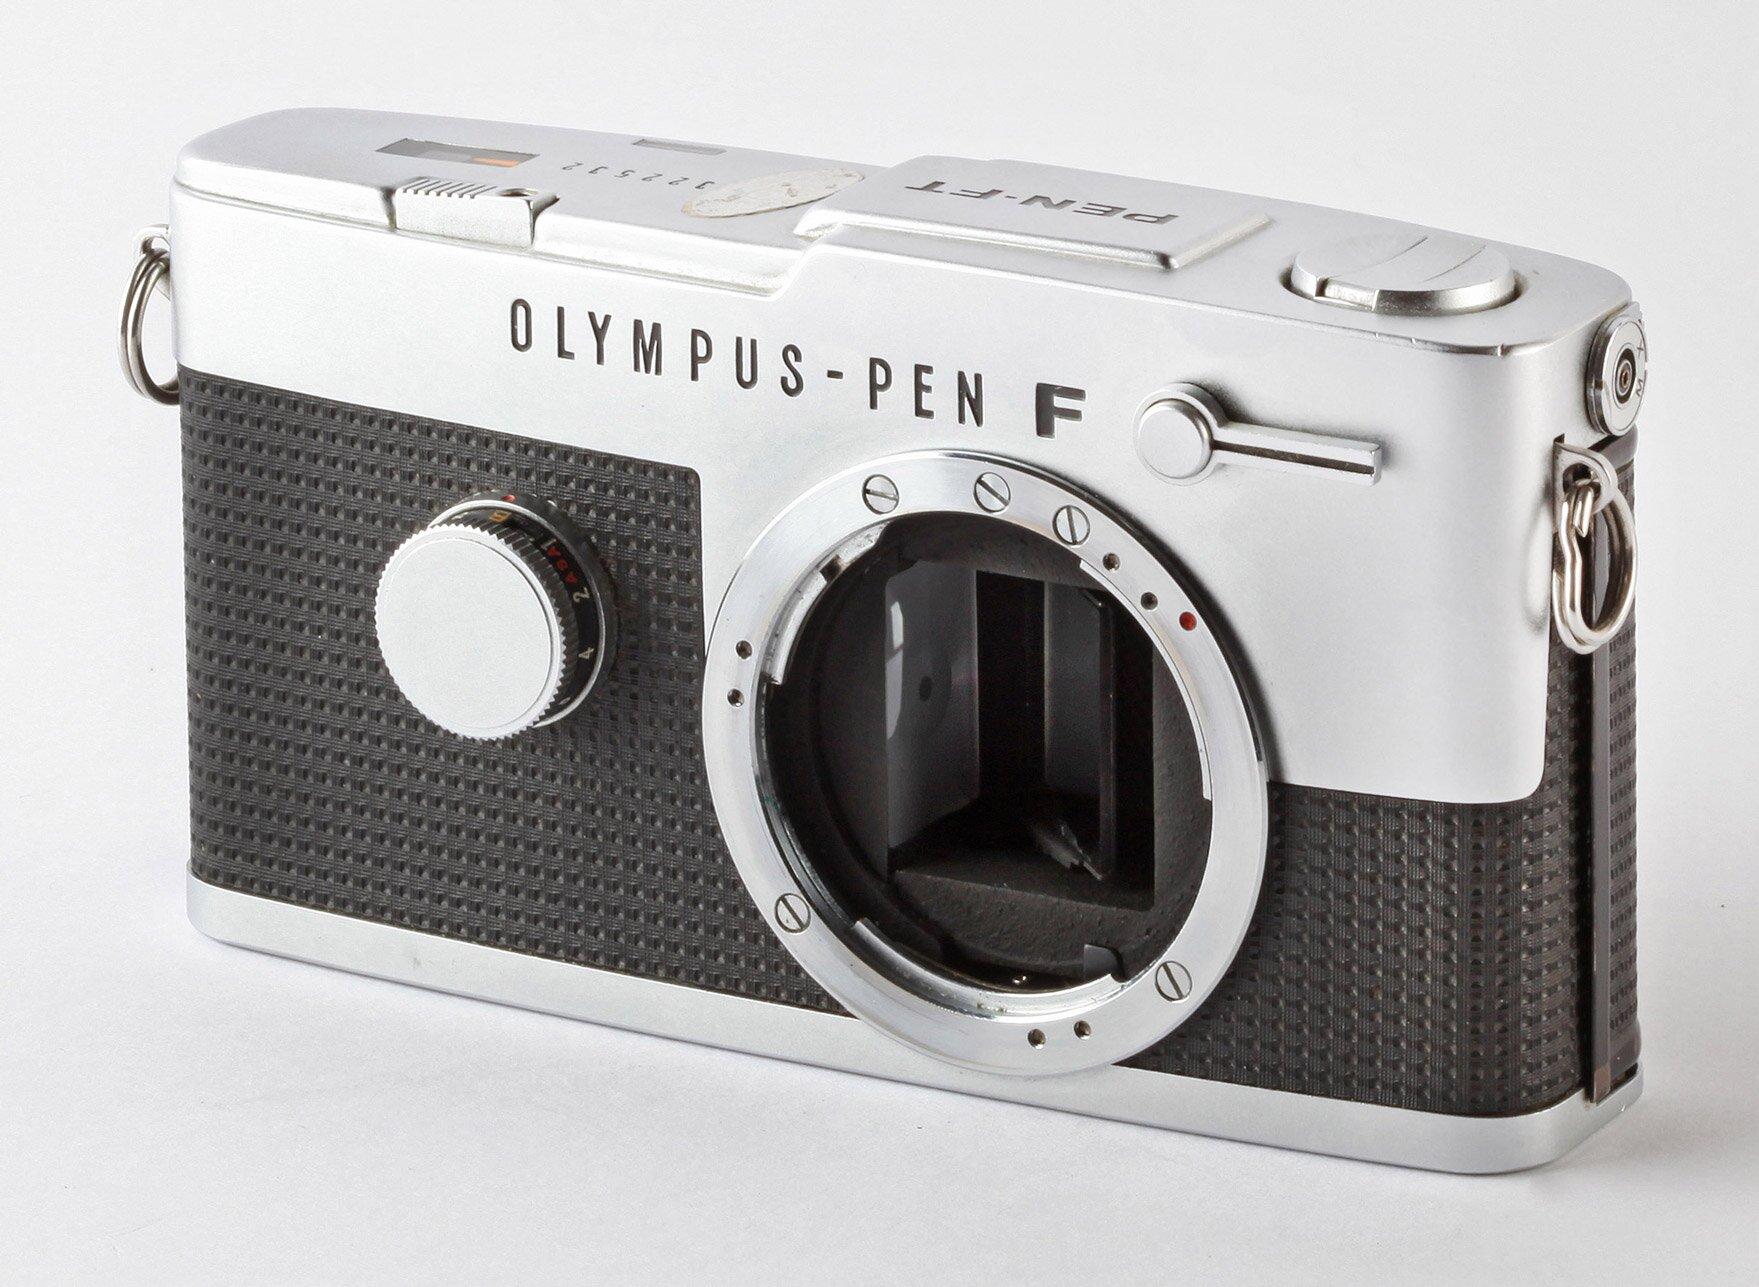 Olympus-Pen FT chrom